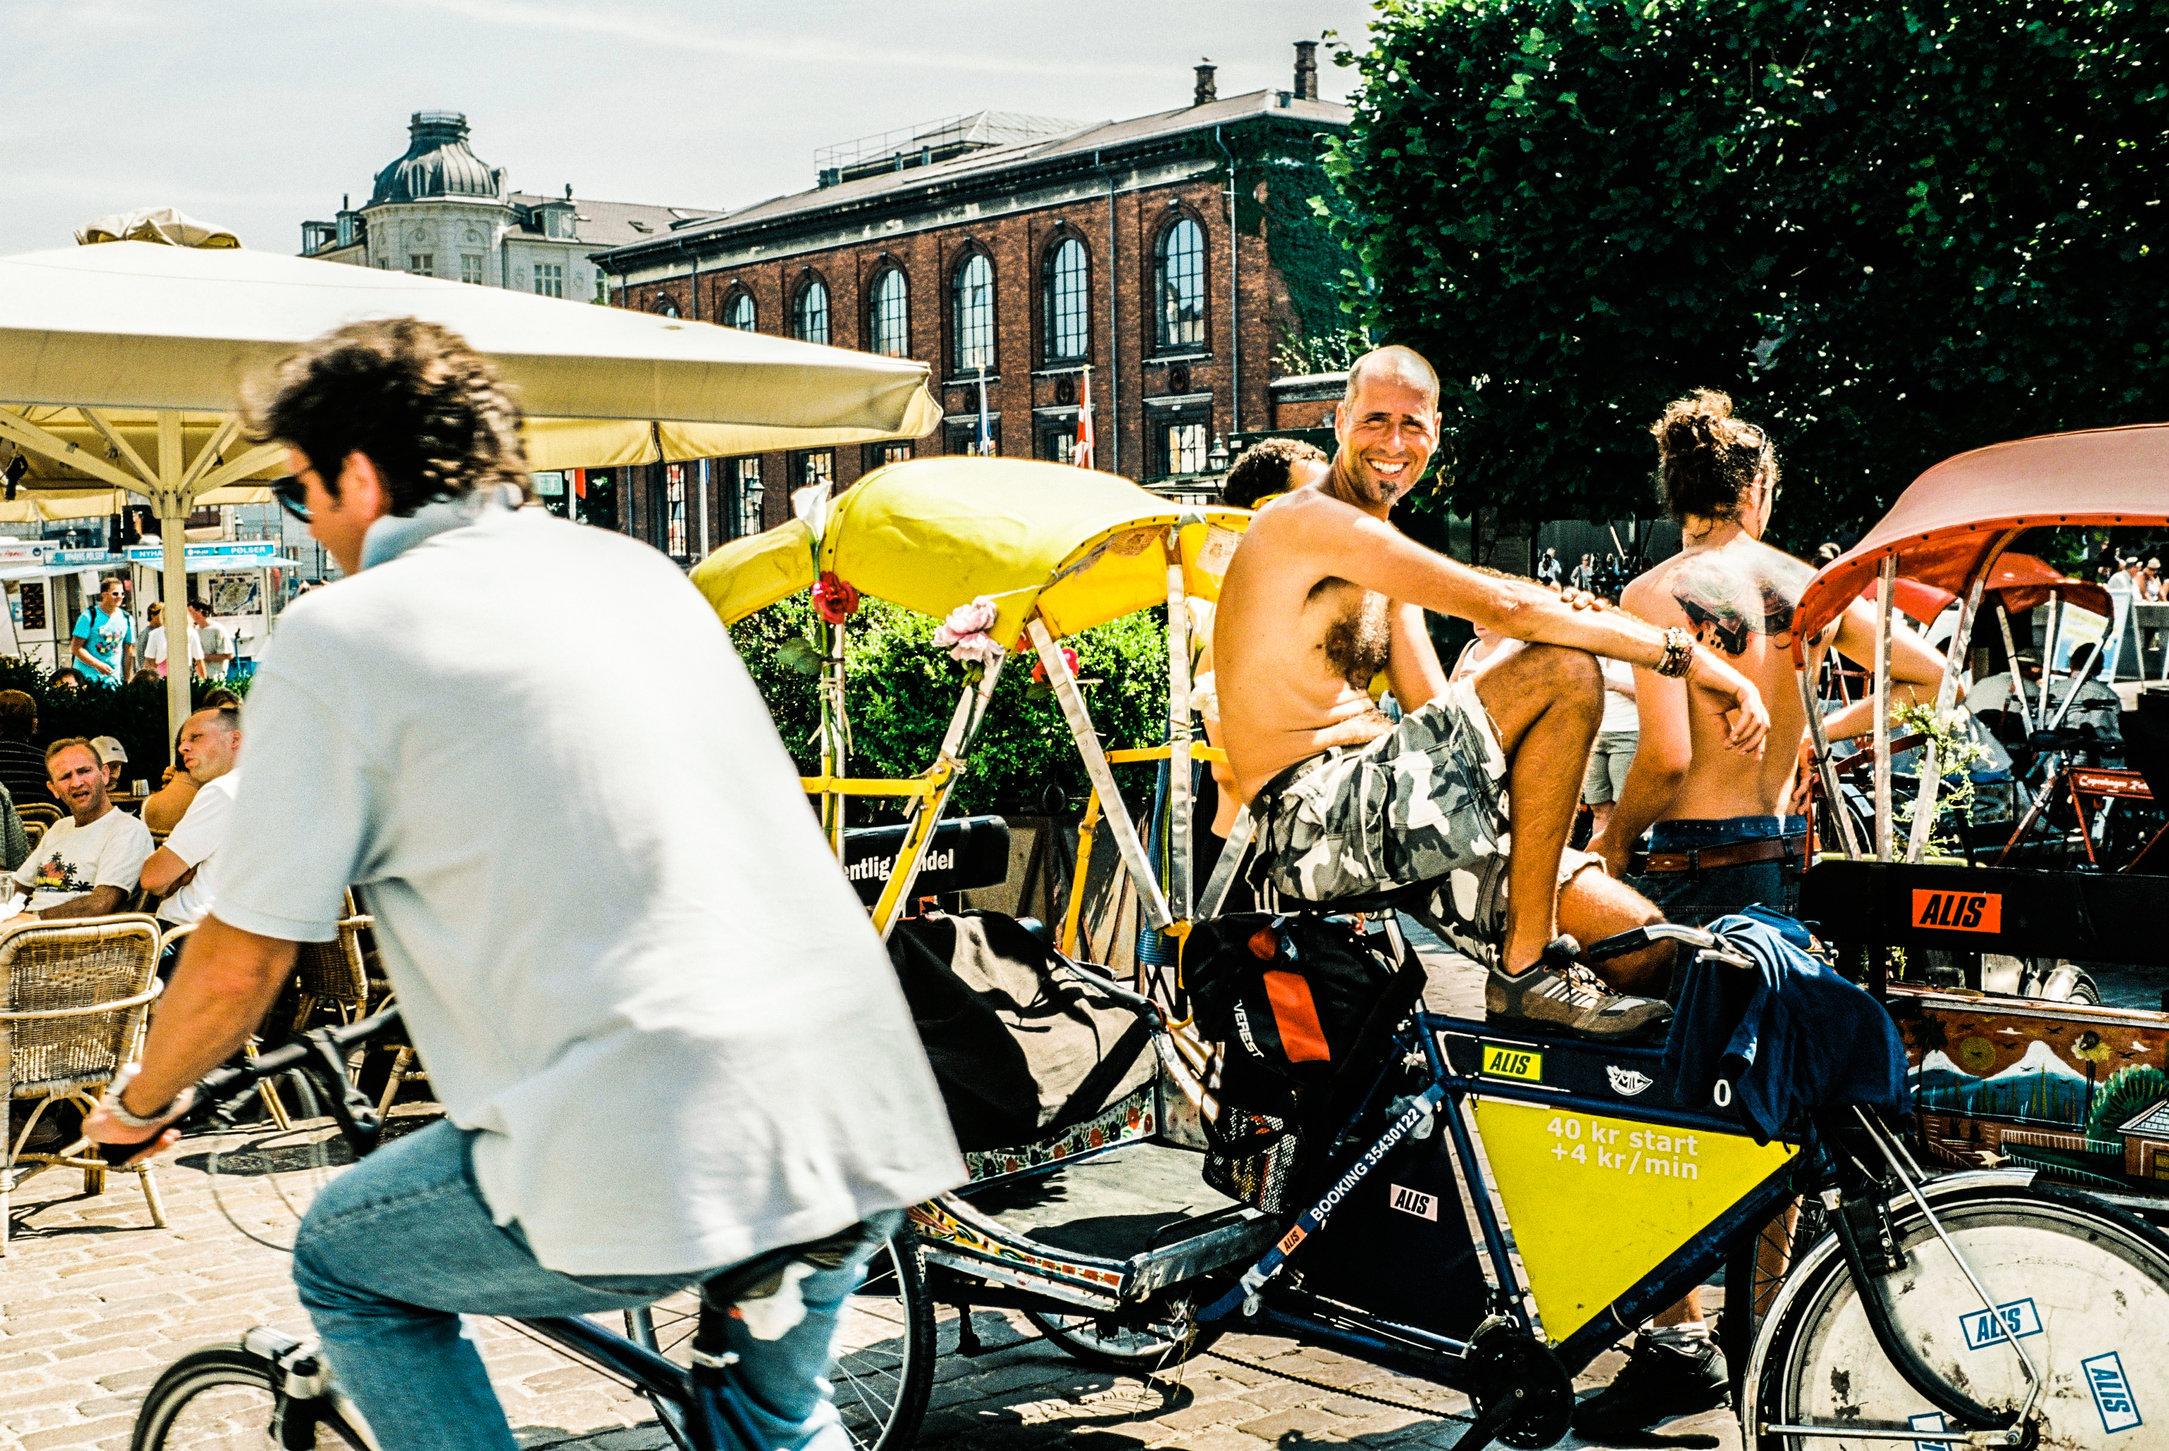 Copenhagen, Denmark. 2009.